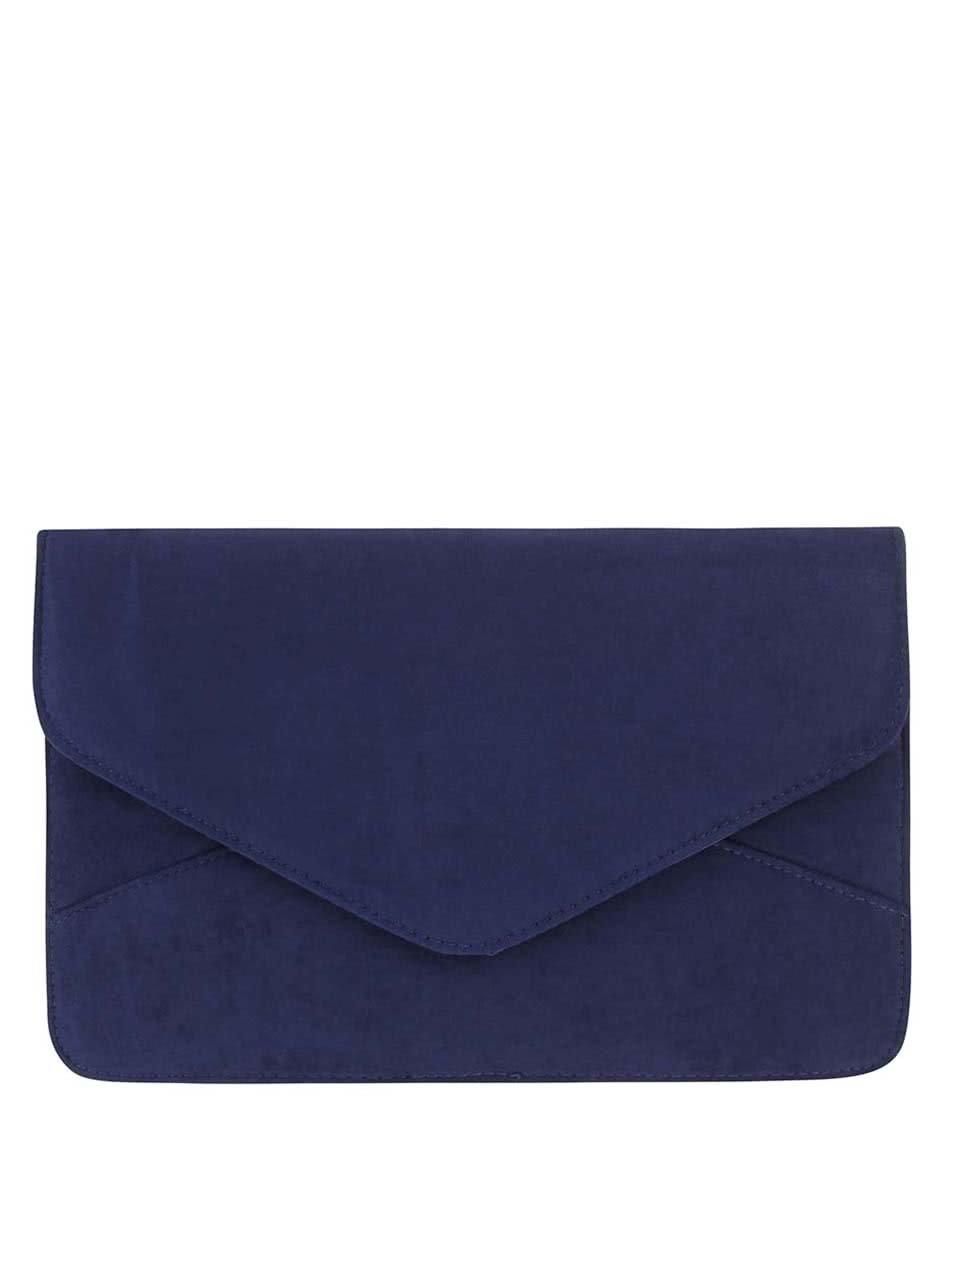 b0bc9acf8a Tmavomodrá minimalistická listová kabelka Dorothy Perkins ...